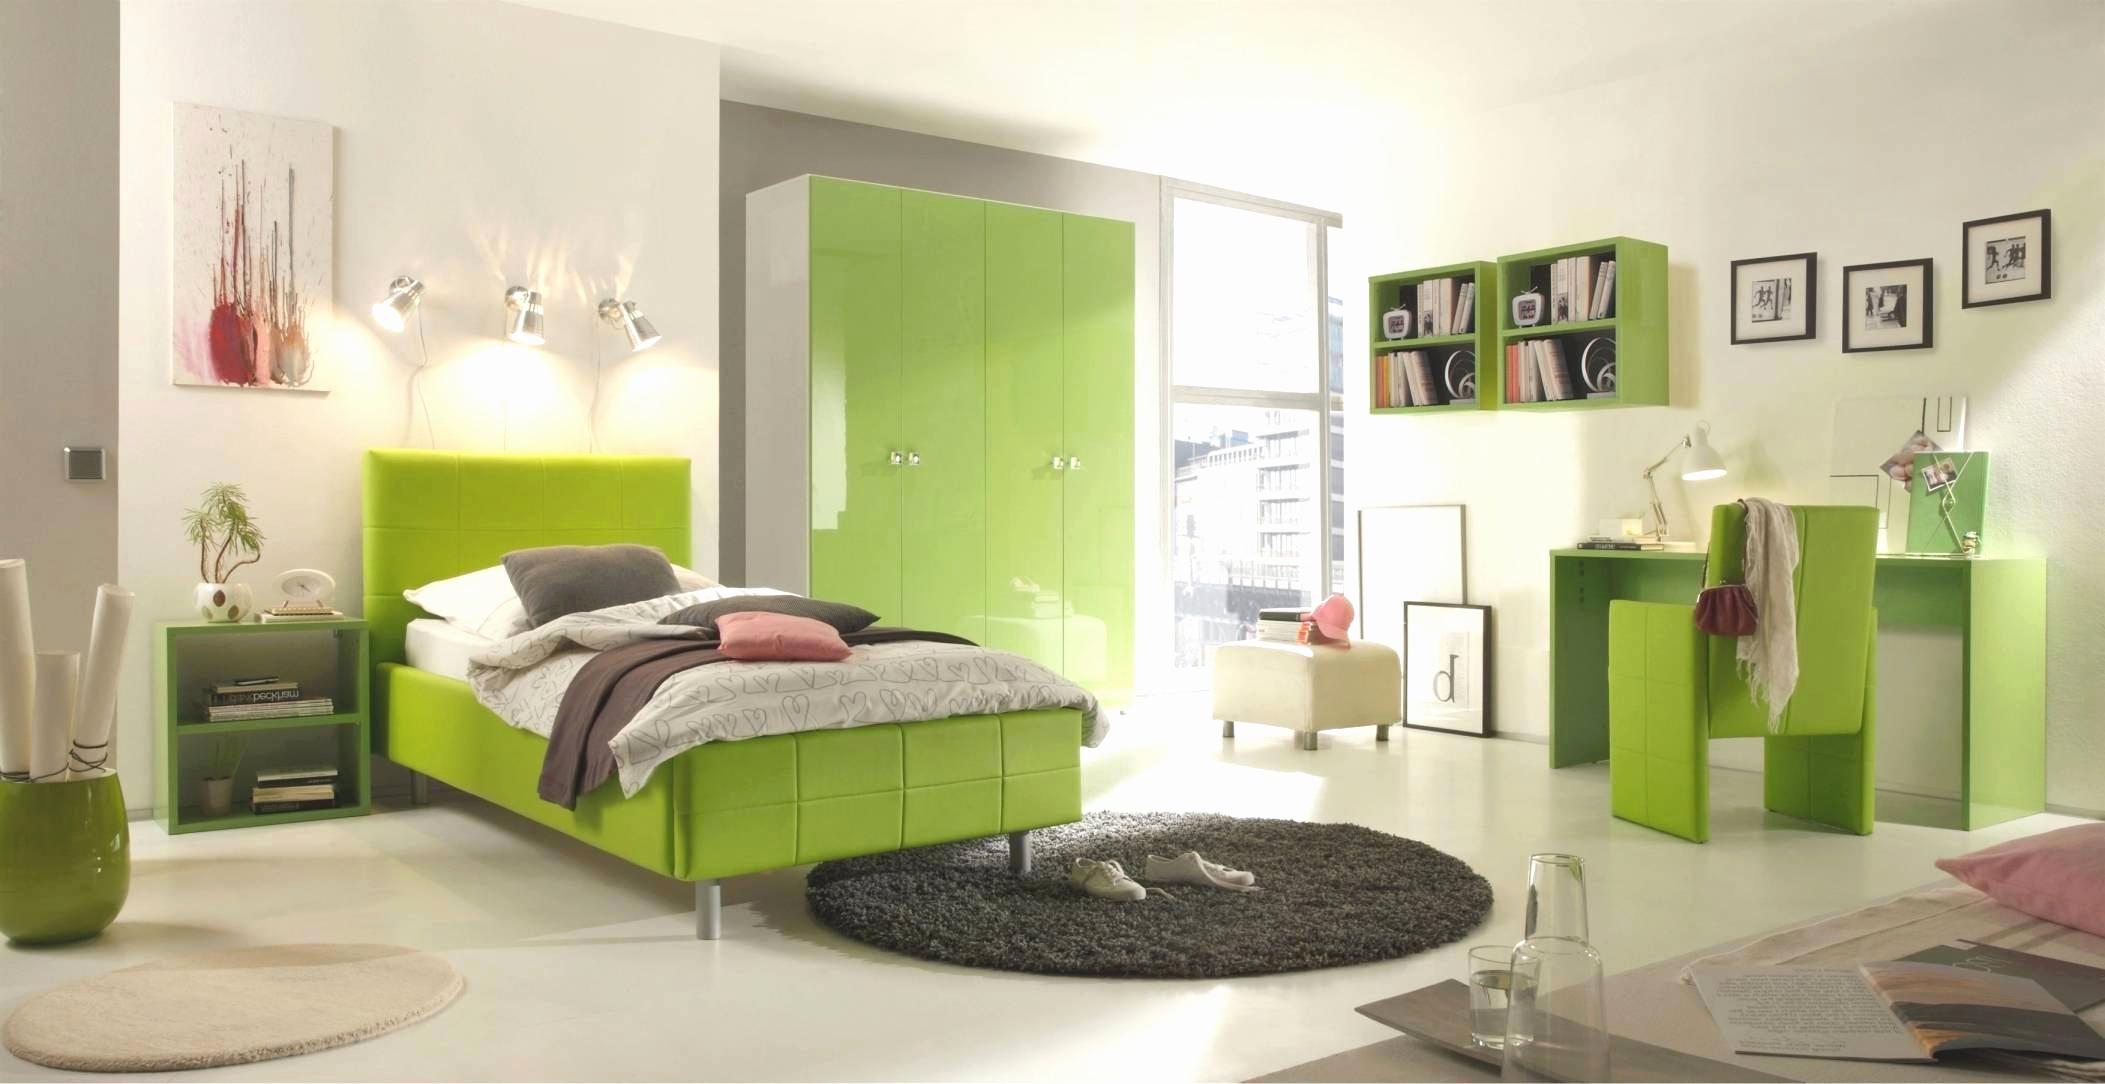 Full Size of Jugendzimmer Ikea Kinderzimmer Ideen Luxus Einzigartig Sofa Miniküche Betten Bei Küche Kaufen Mit Schlaffunktion Bett 160x200 Modulküche Kosten Wohnzimmer Jugendzimmer Ikea